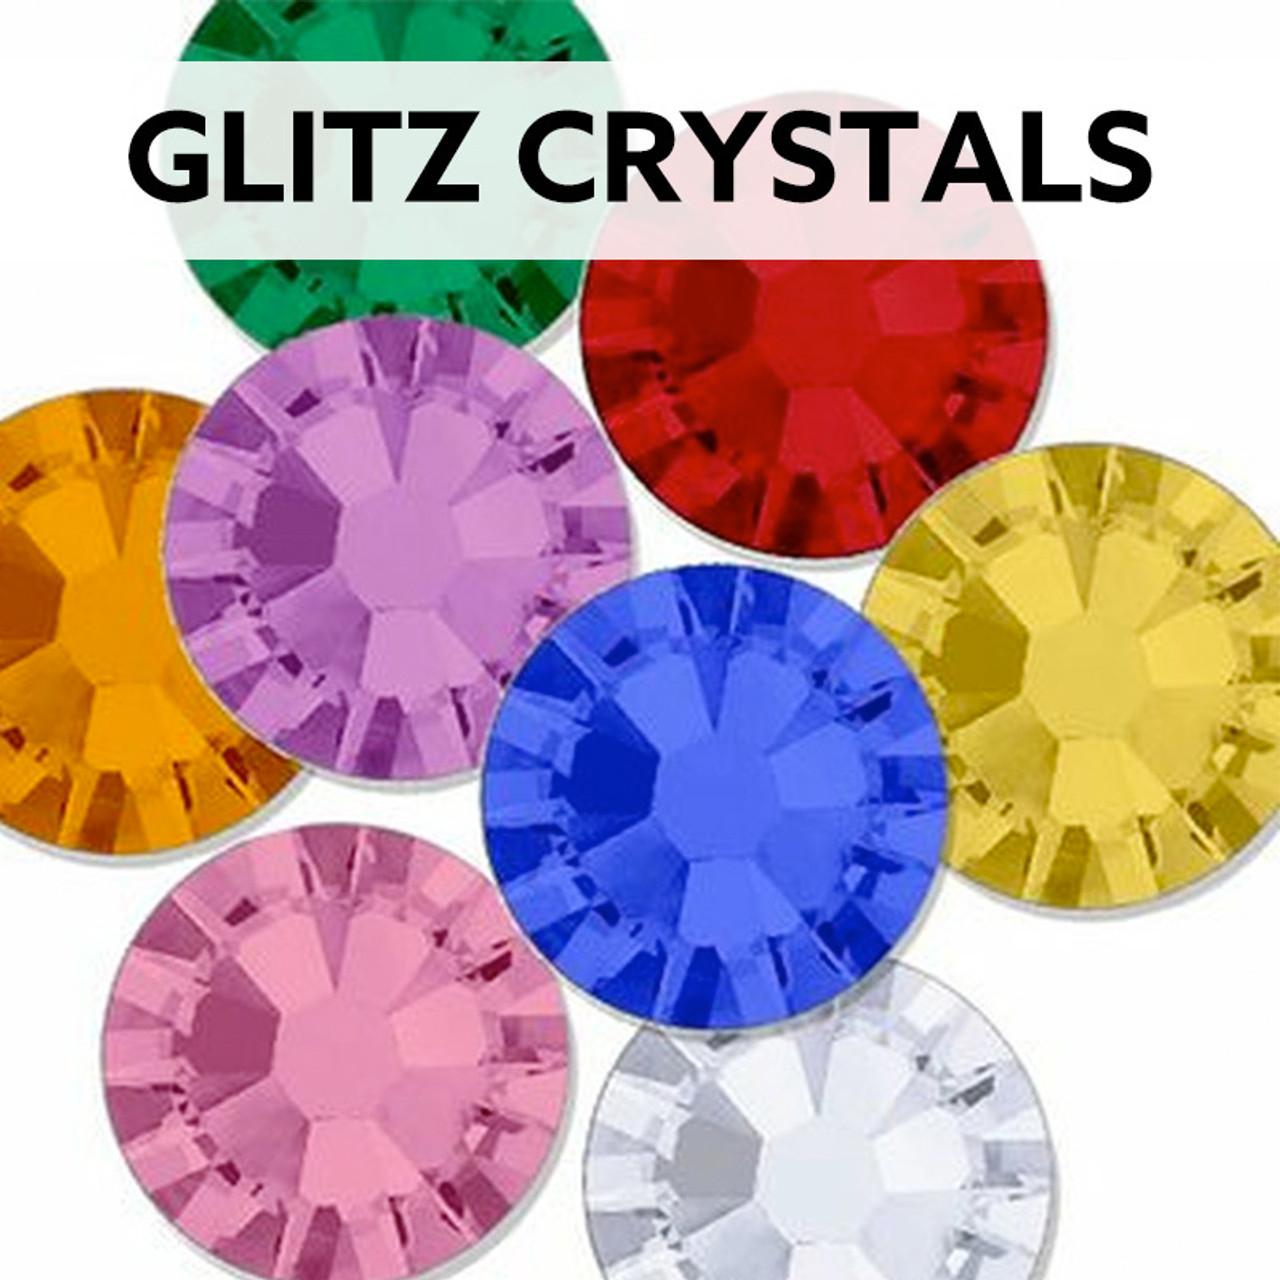 Glitz Crystals